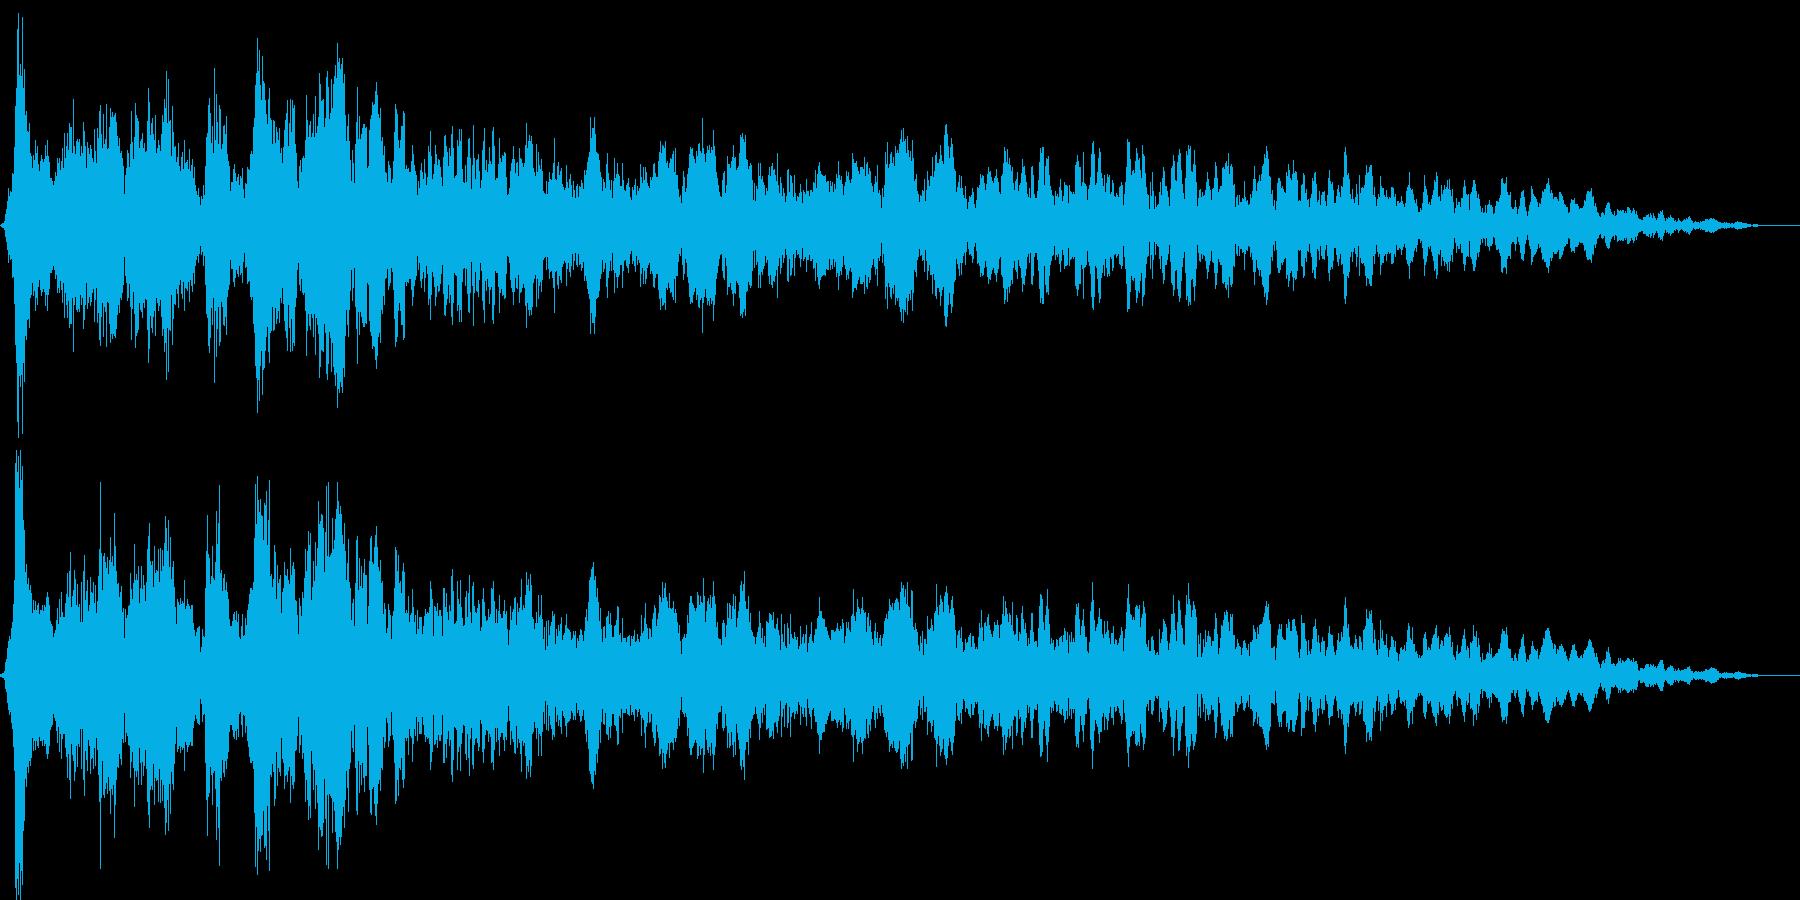 キュルルン(乗用車のエンジンをかける音)の再生済みの波形